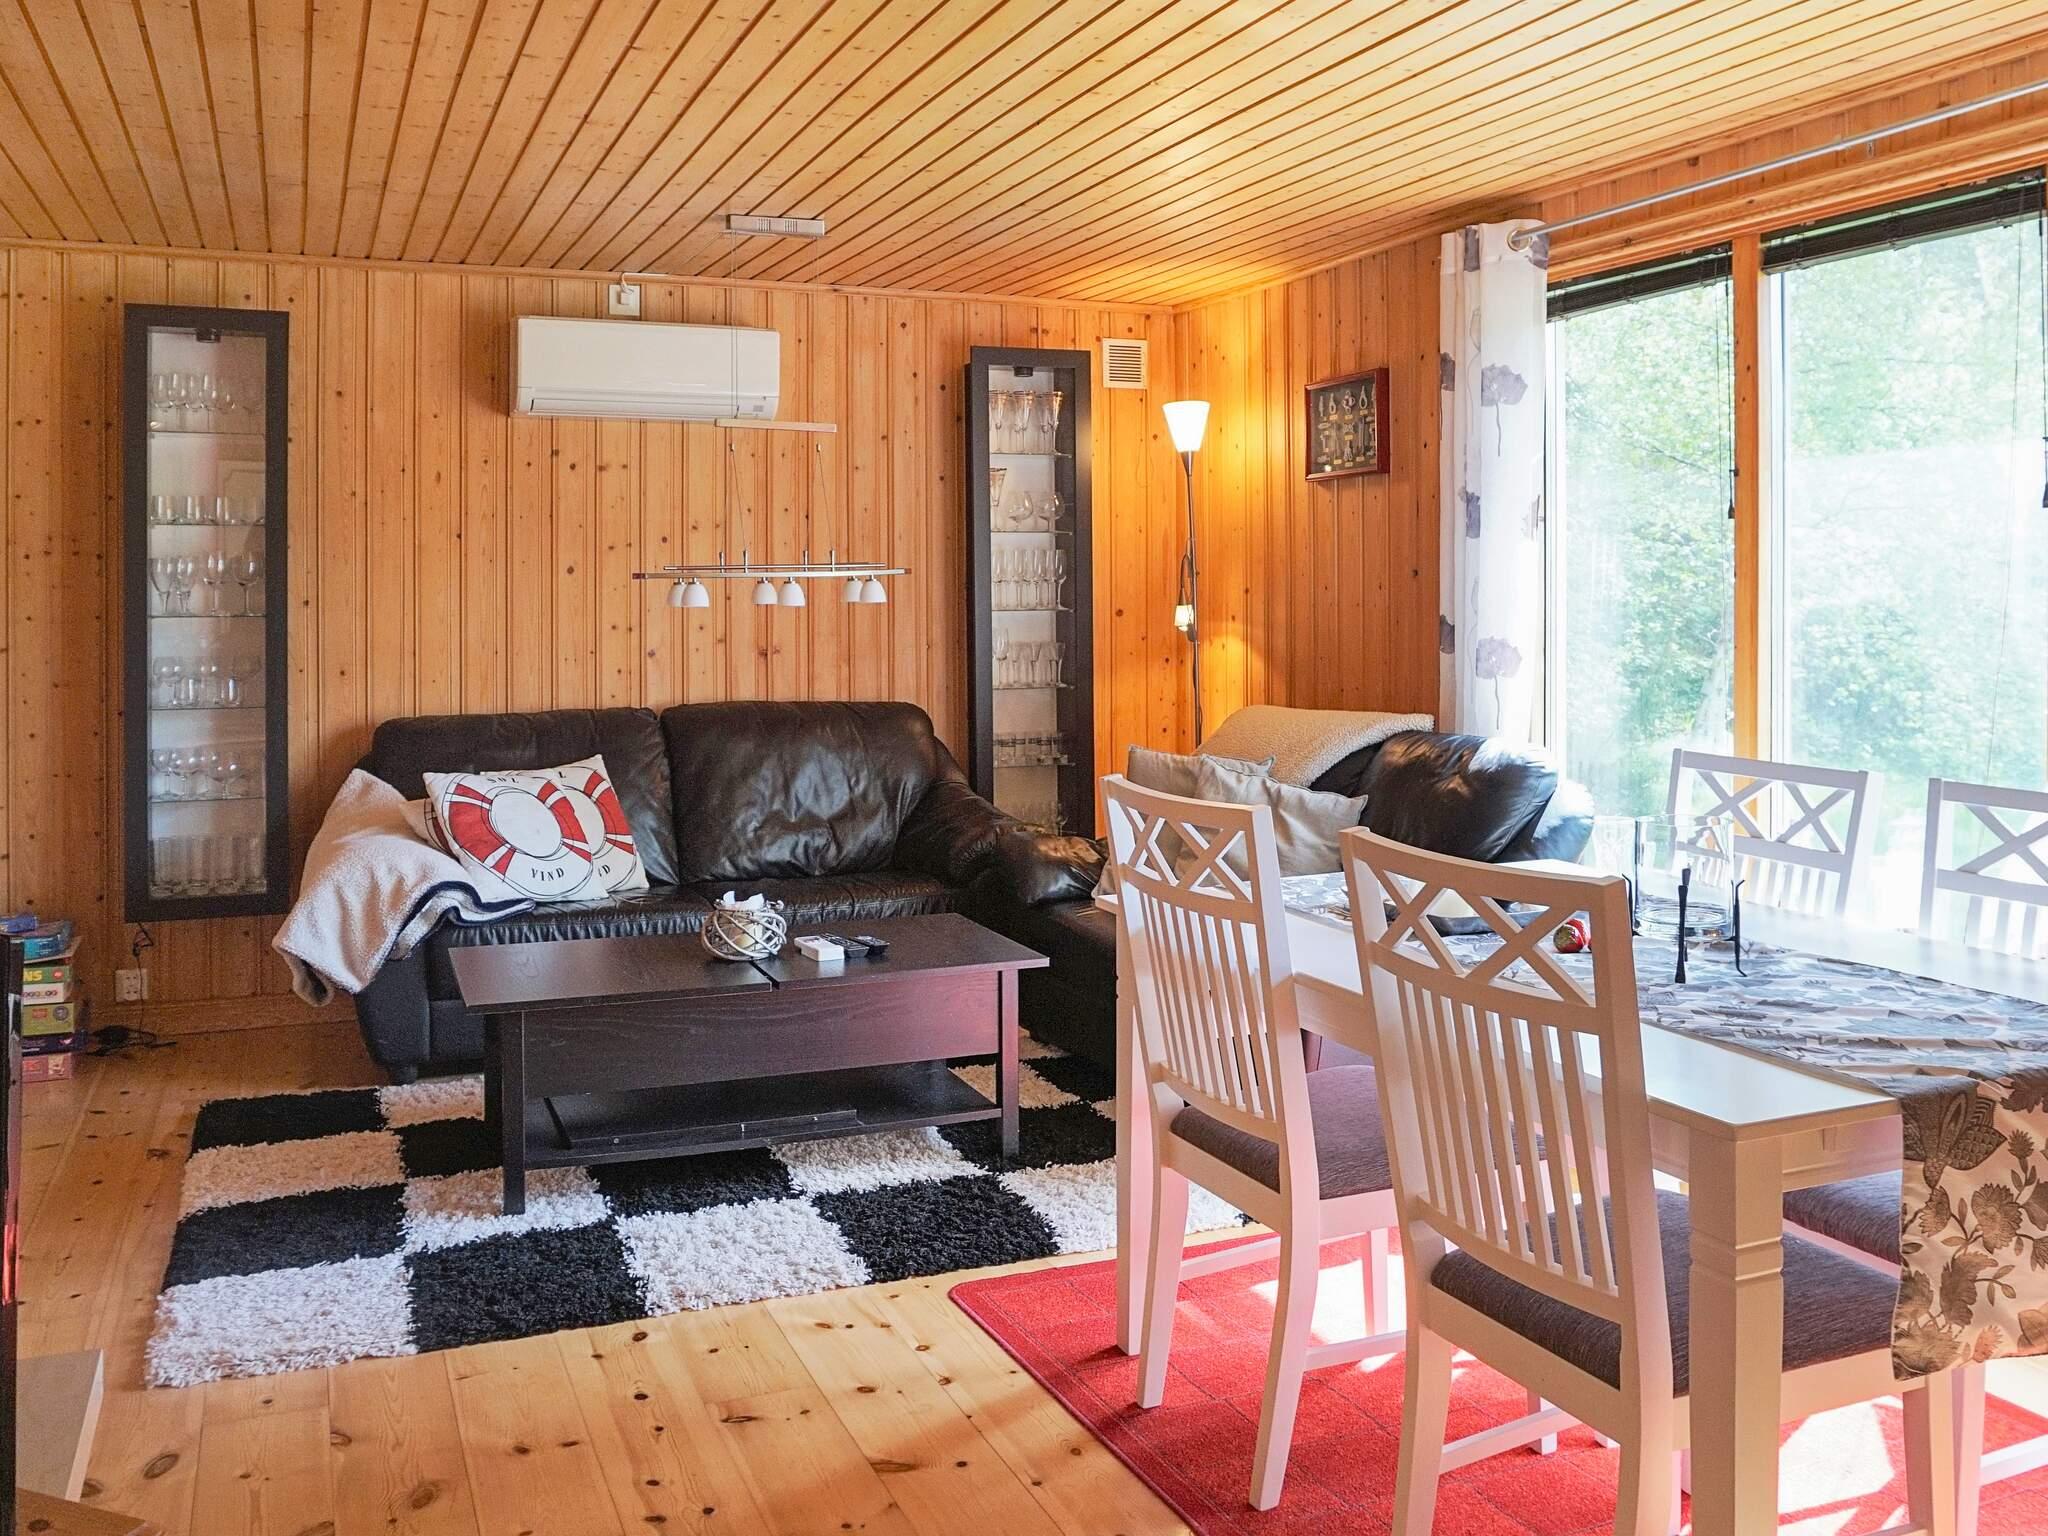 Ferienhaus Barkedal (2627959), Brastad, Västra Götaland län, Westschweden, Schweden, Bild 5